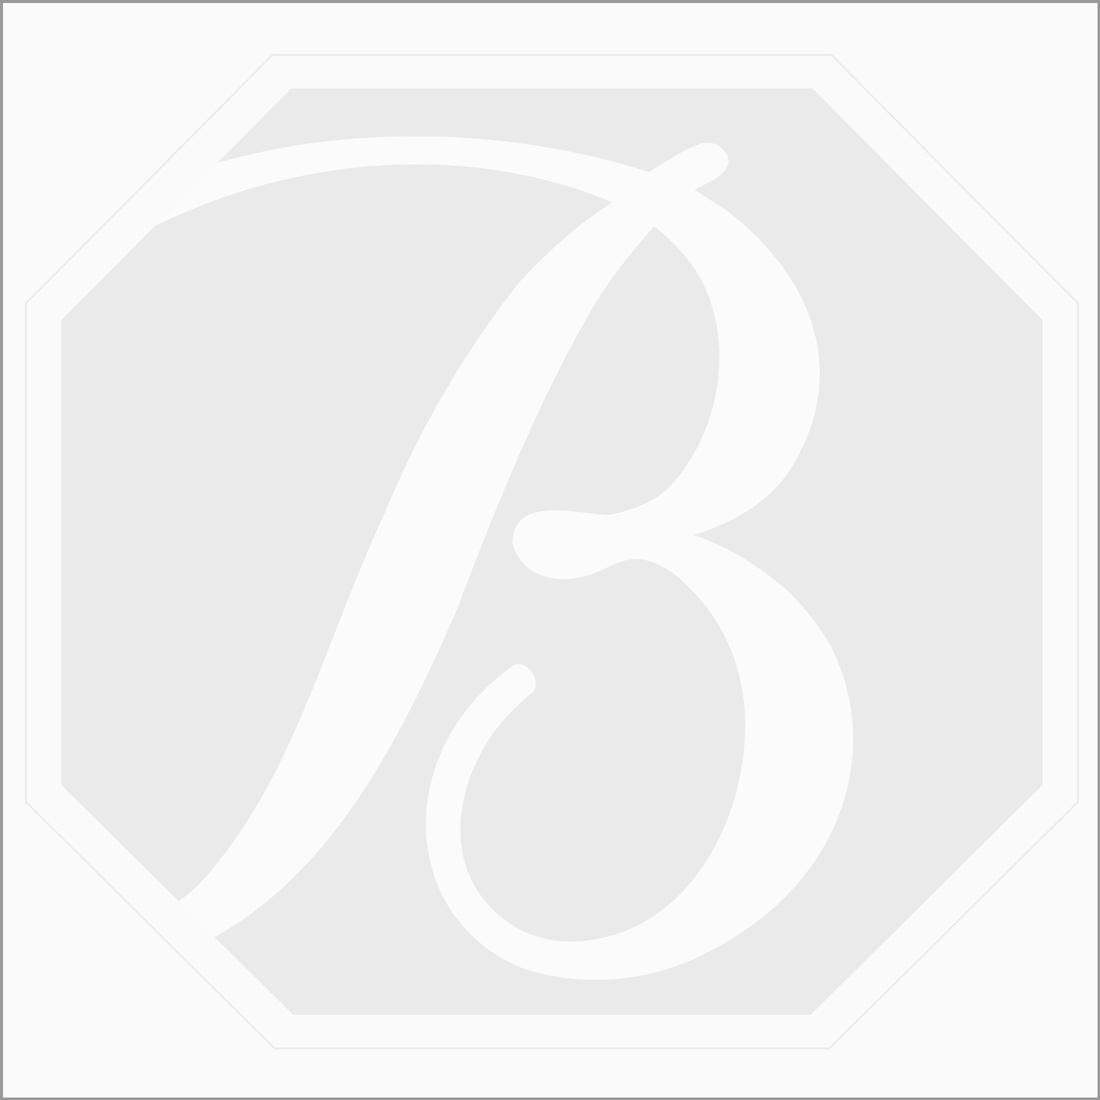 2 Pcs - Dark Green Tourmaline Rose Cuts - 6.03 ct. - 13 x 10 x 3 mm & 13.2 x 9.2 x 2.6 mm (TRC1041)